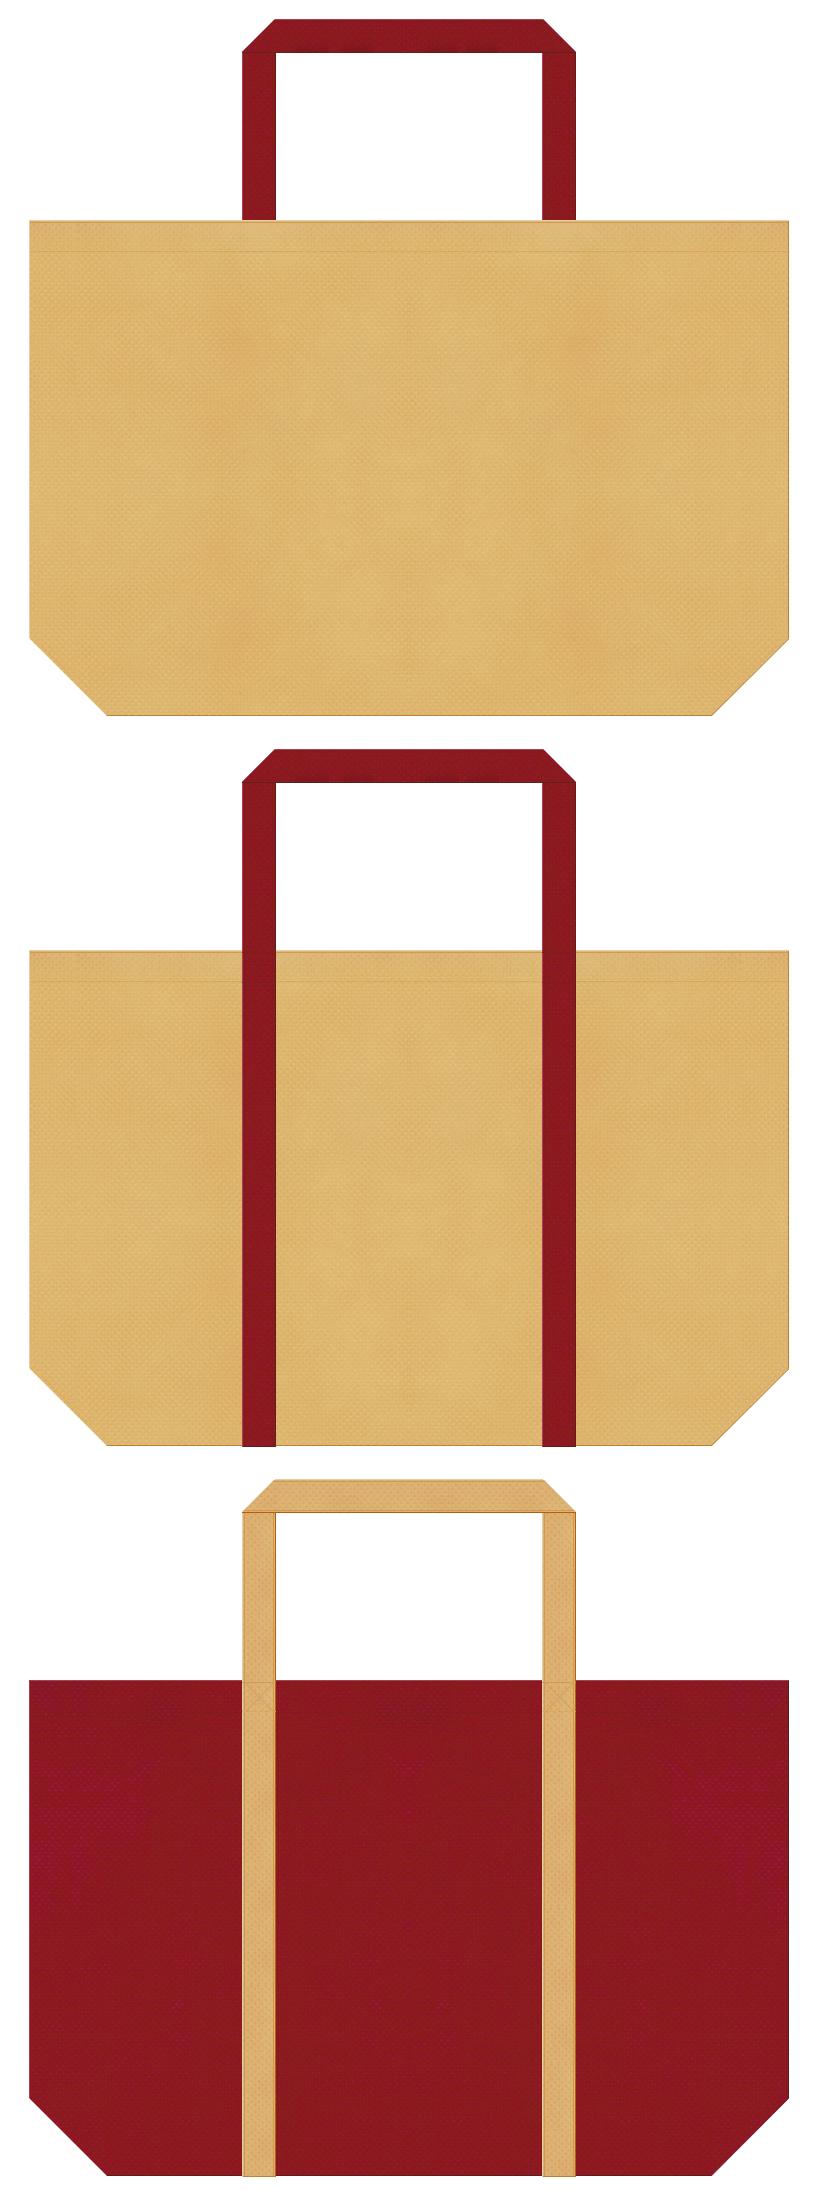 薄黄土色とエンジ色の不織布バッグデザイン:伝統工芸・演芸場のノベルティにお奨めです。